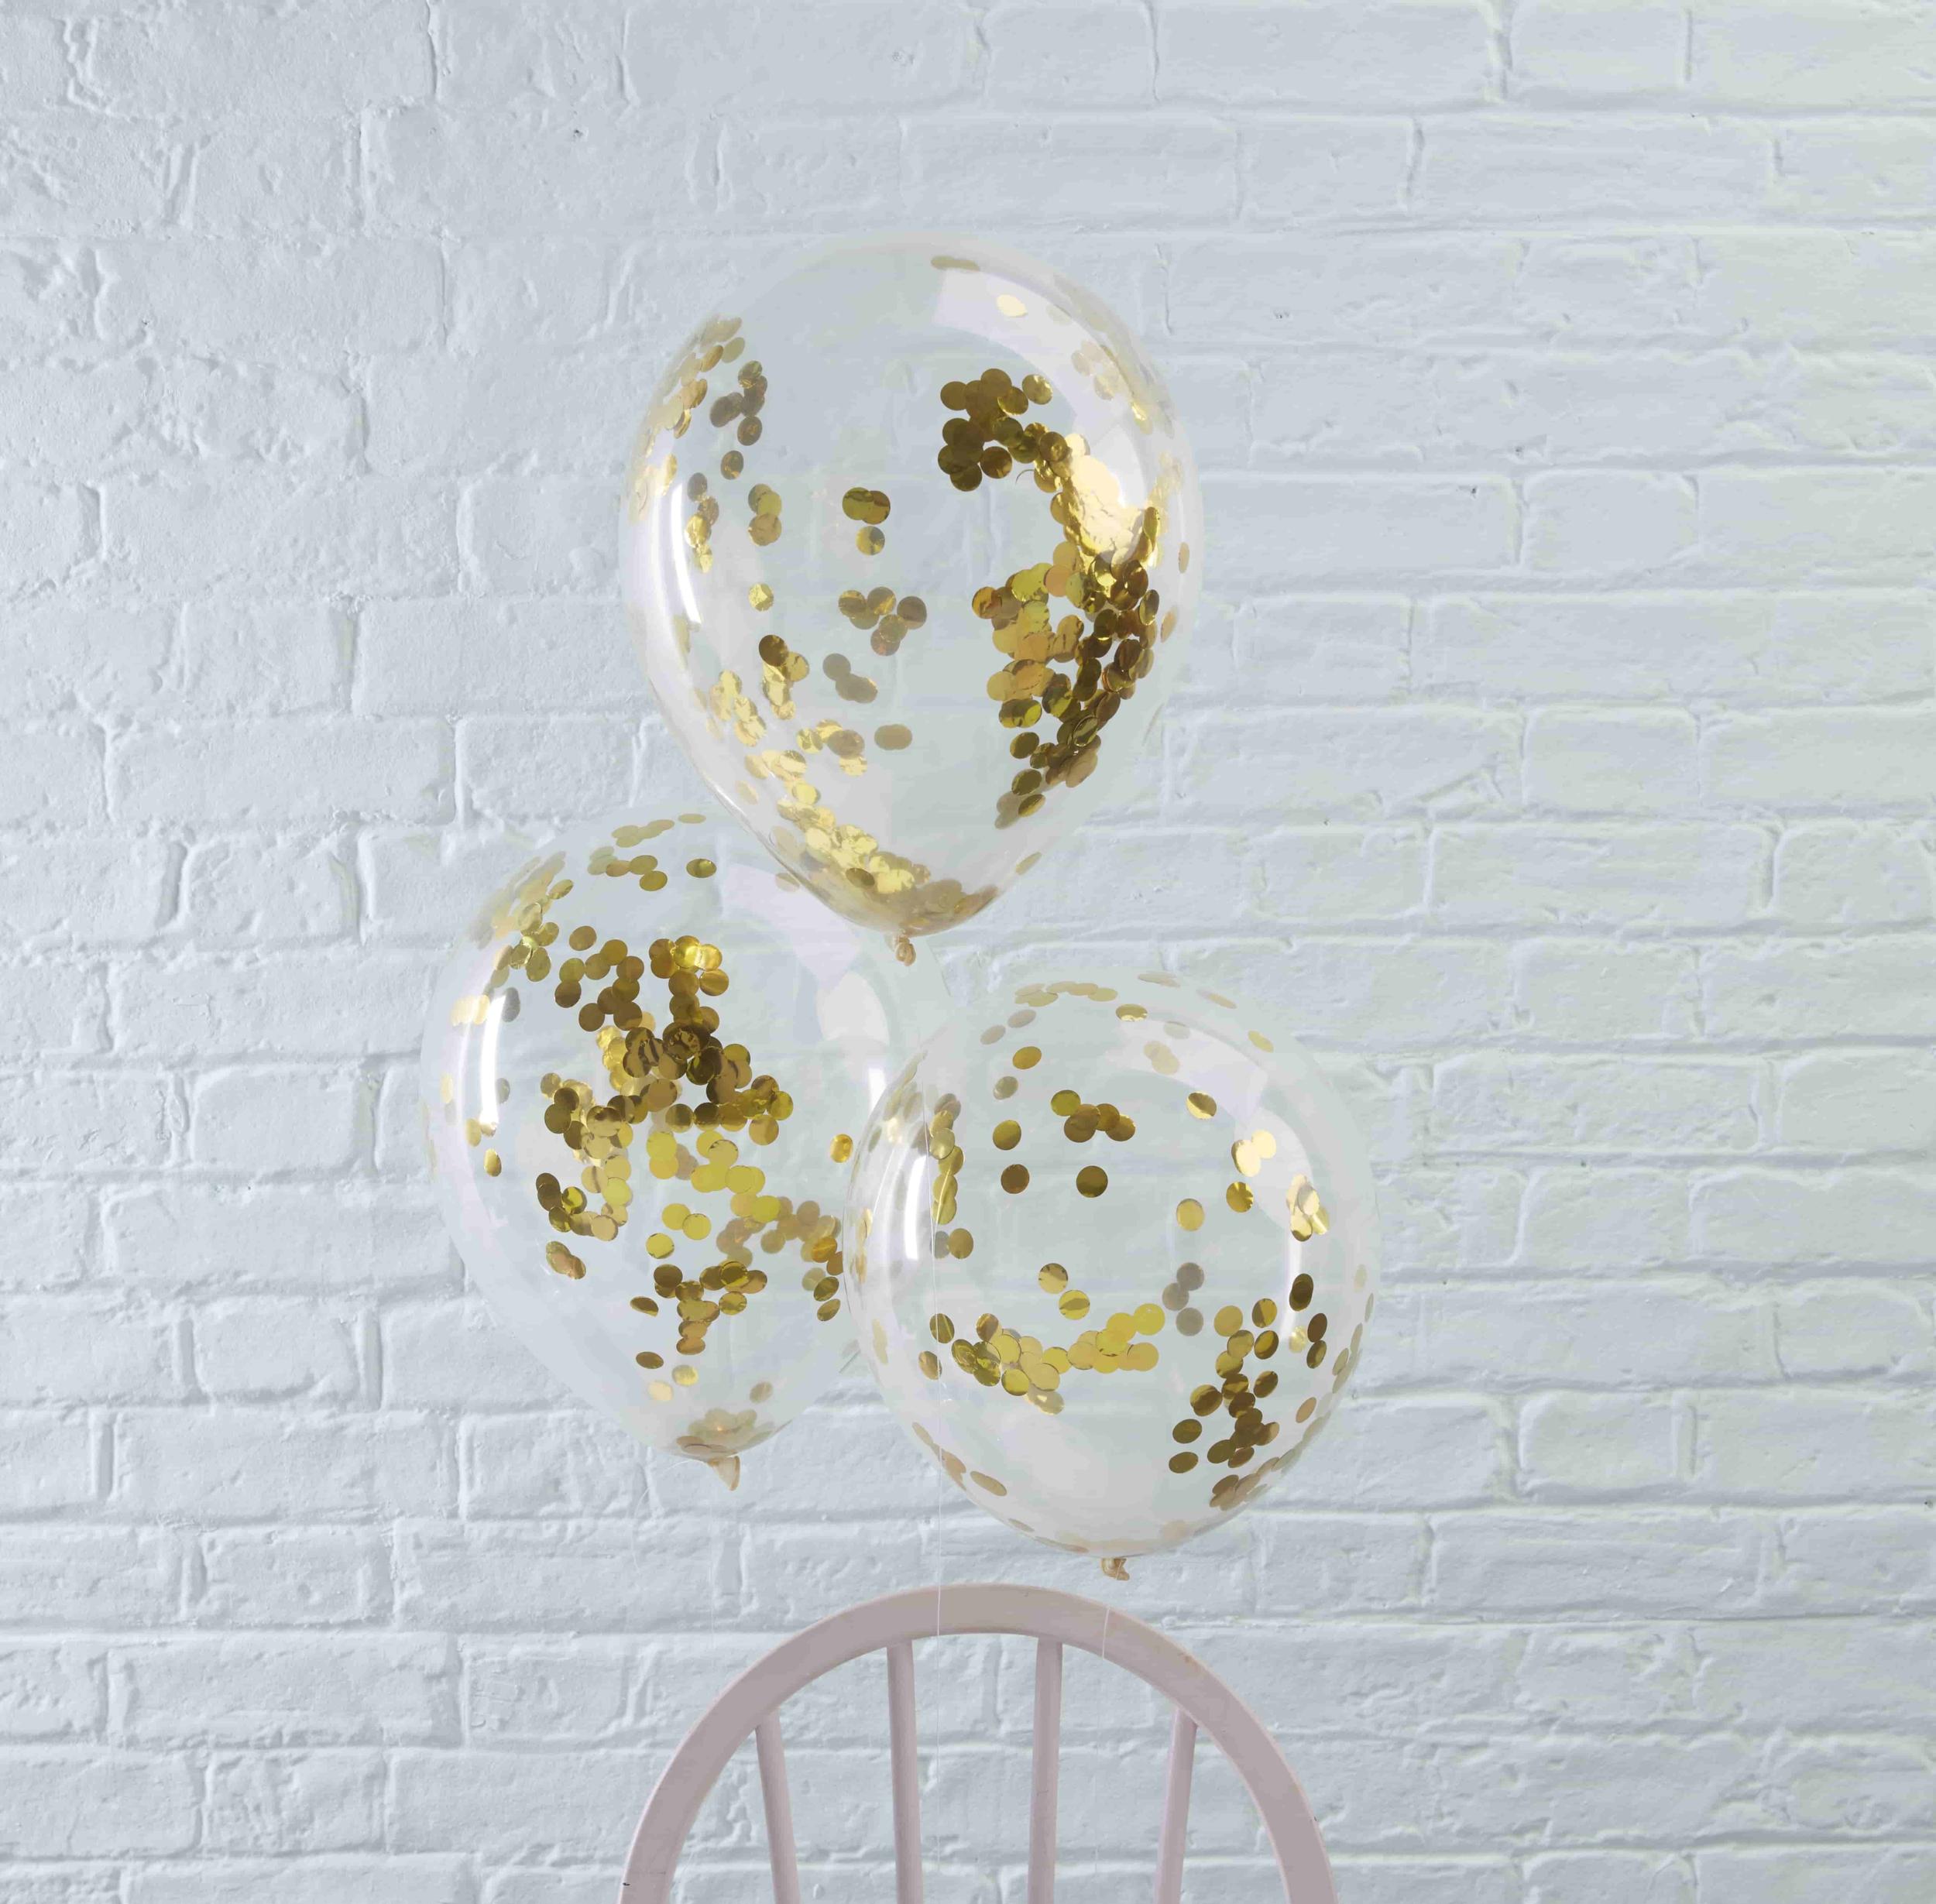 ballon-confetti-doré-mariage-anniversaire-gingerray